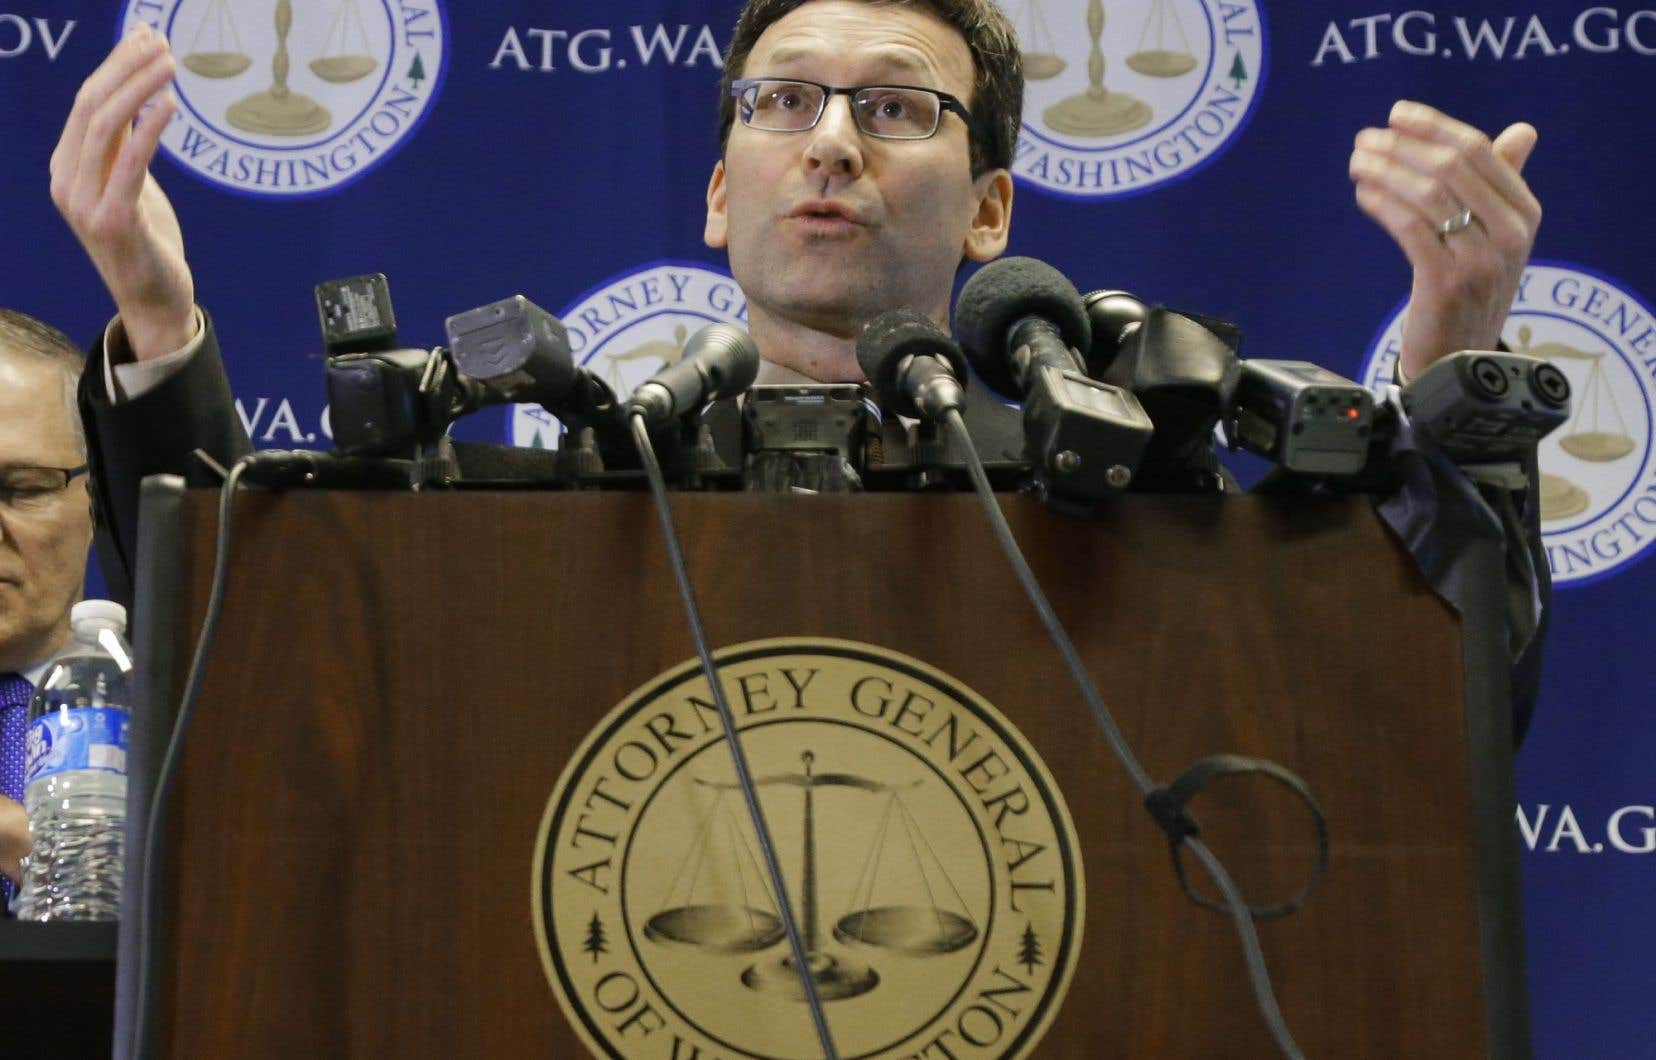 « Personne n'est au-dessus de la loi, pas même le président », a déclaré le représentant démocrate Bob Ferguson, lors d'une conférence de presse.